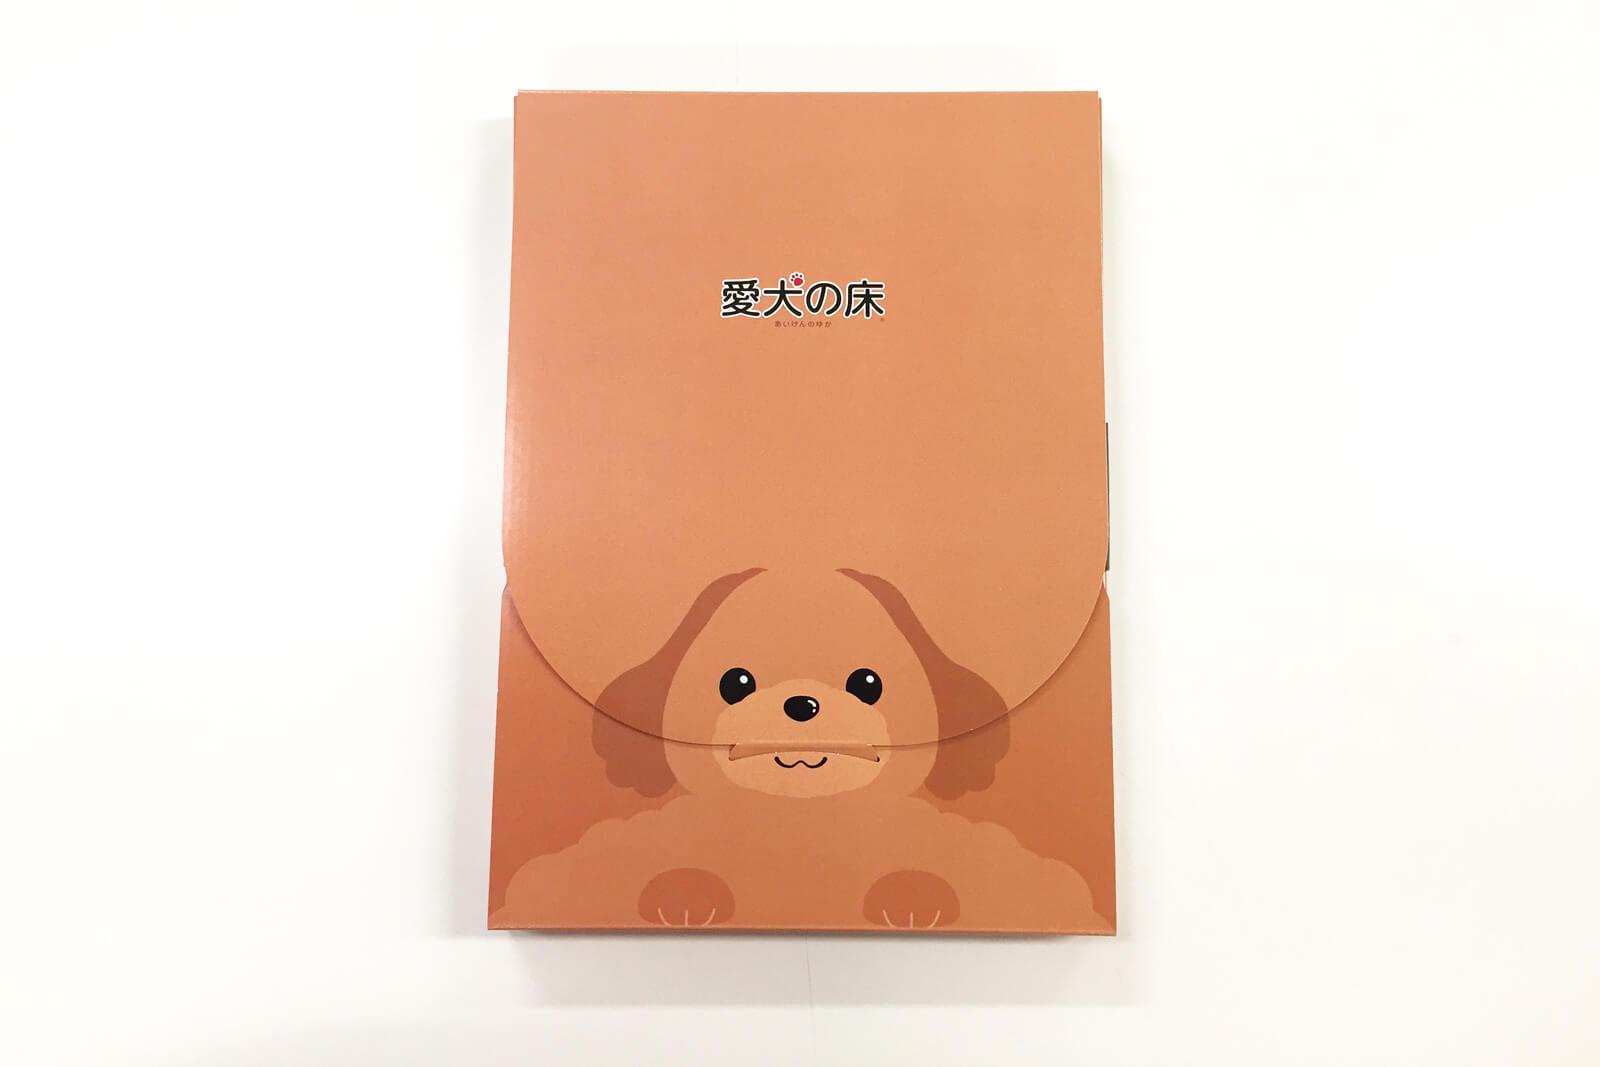 【オリジナルパッケージで差別化を】エコプロコート株式会社様「ネコポス用化粧箱(愛犬の床Ver.)」